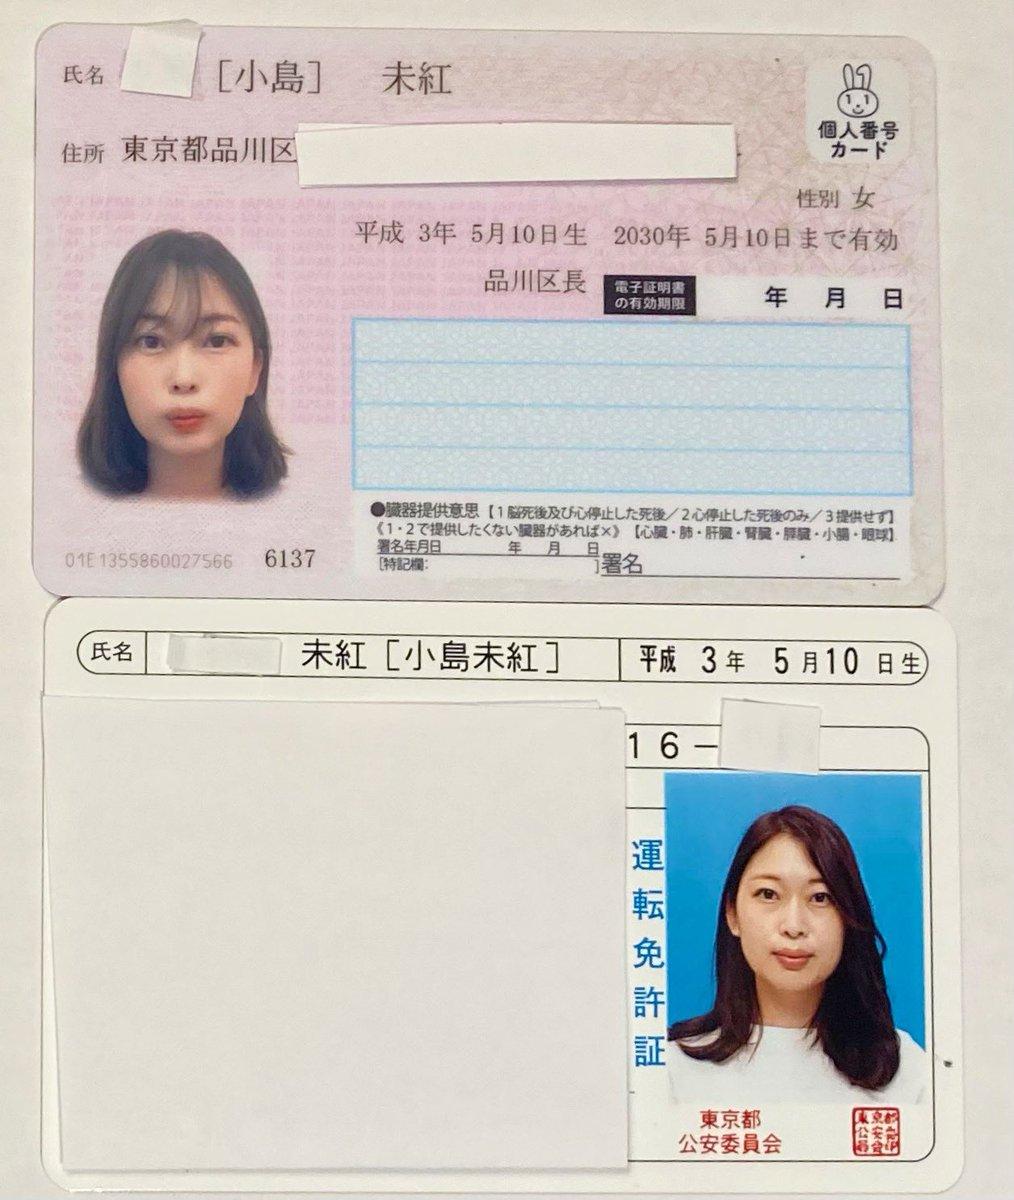 女性は覚えておいて損はない!旧姓を免許証やマイナンバーに残す方法